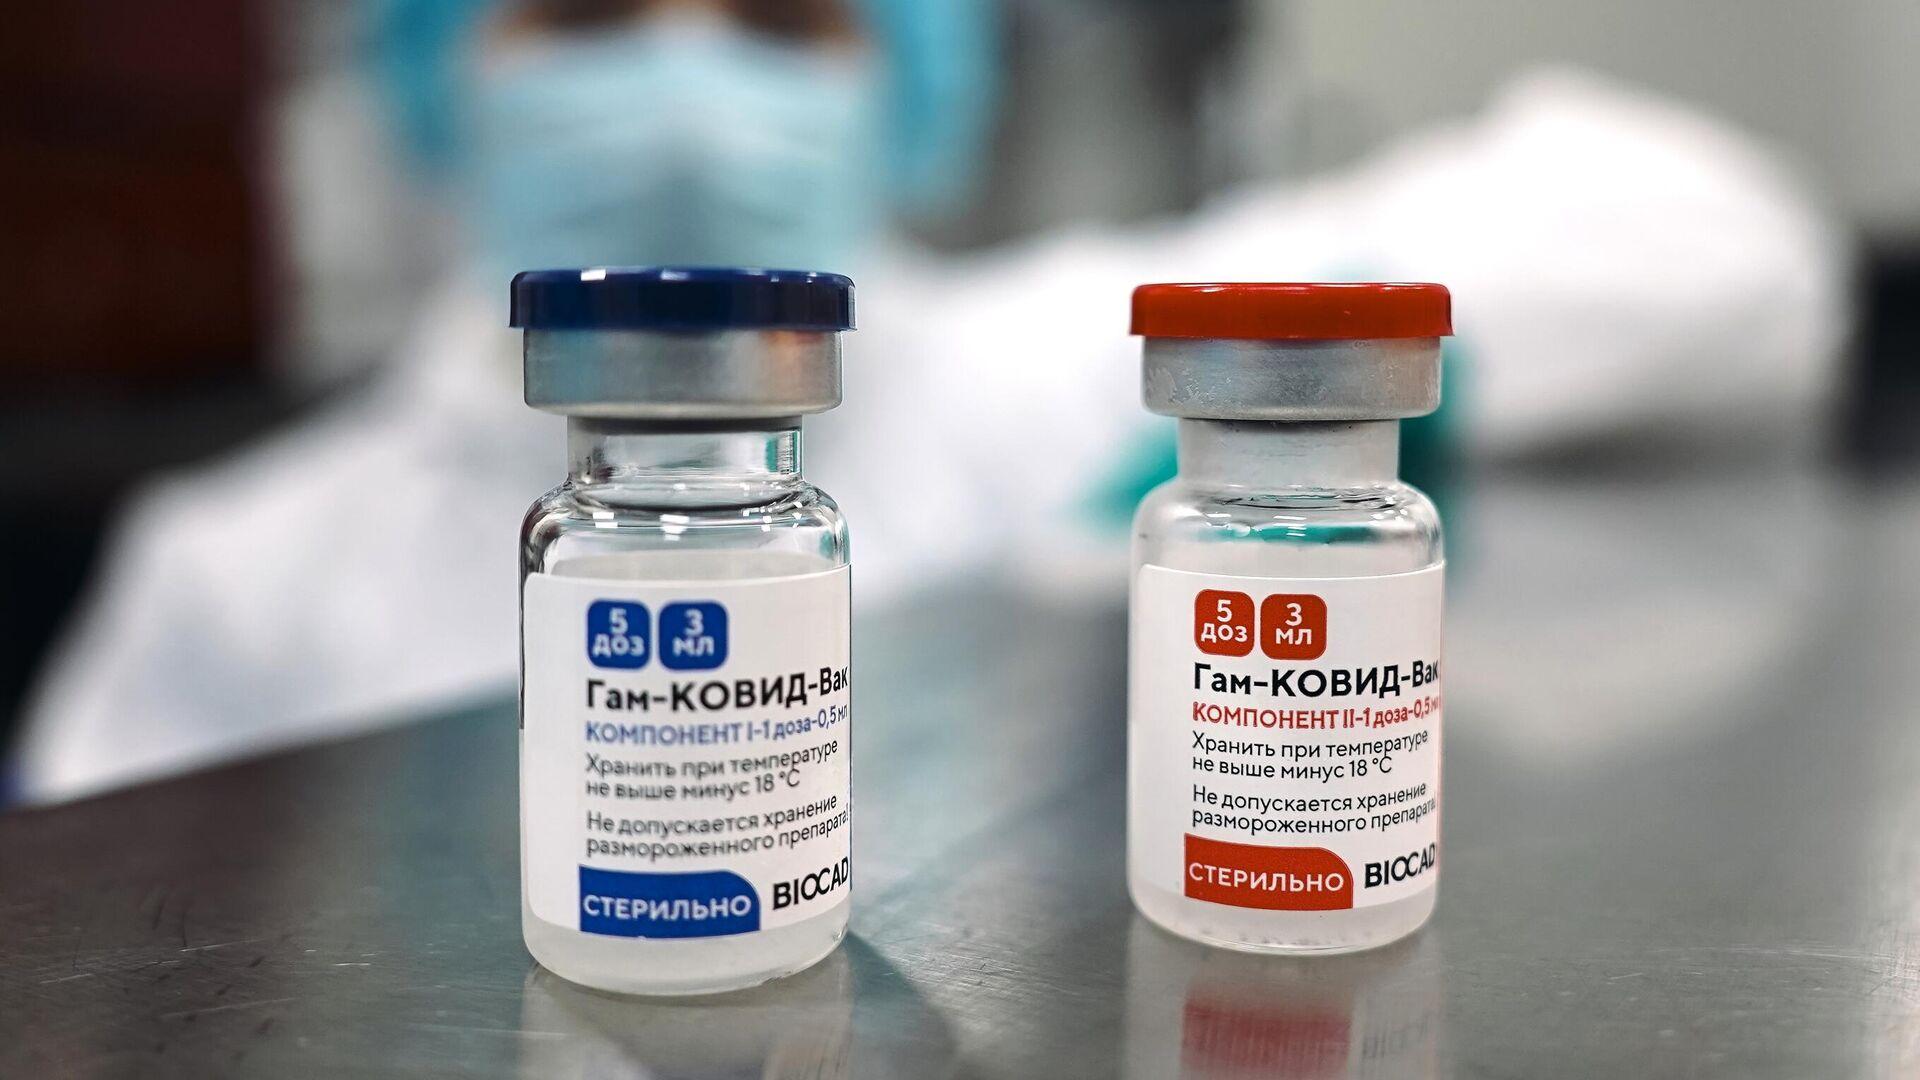 Производство российской вакцины против COVID-19 Спутник V - РИА Новости, 1920, 05.02.2021